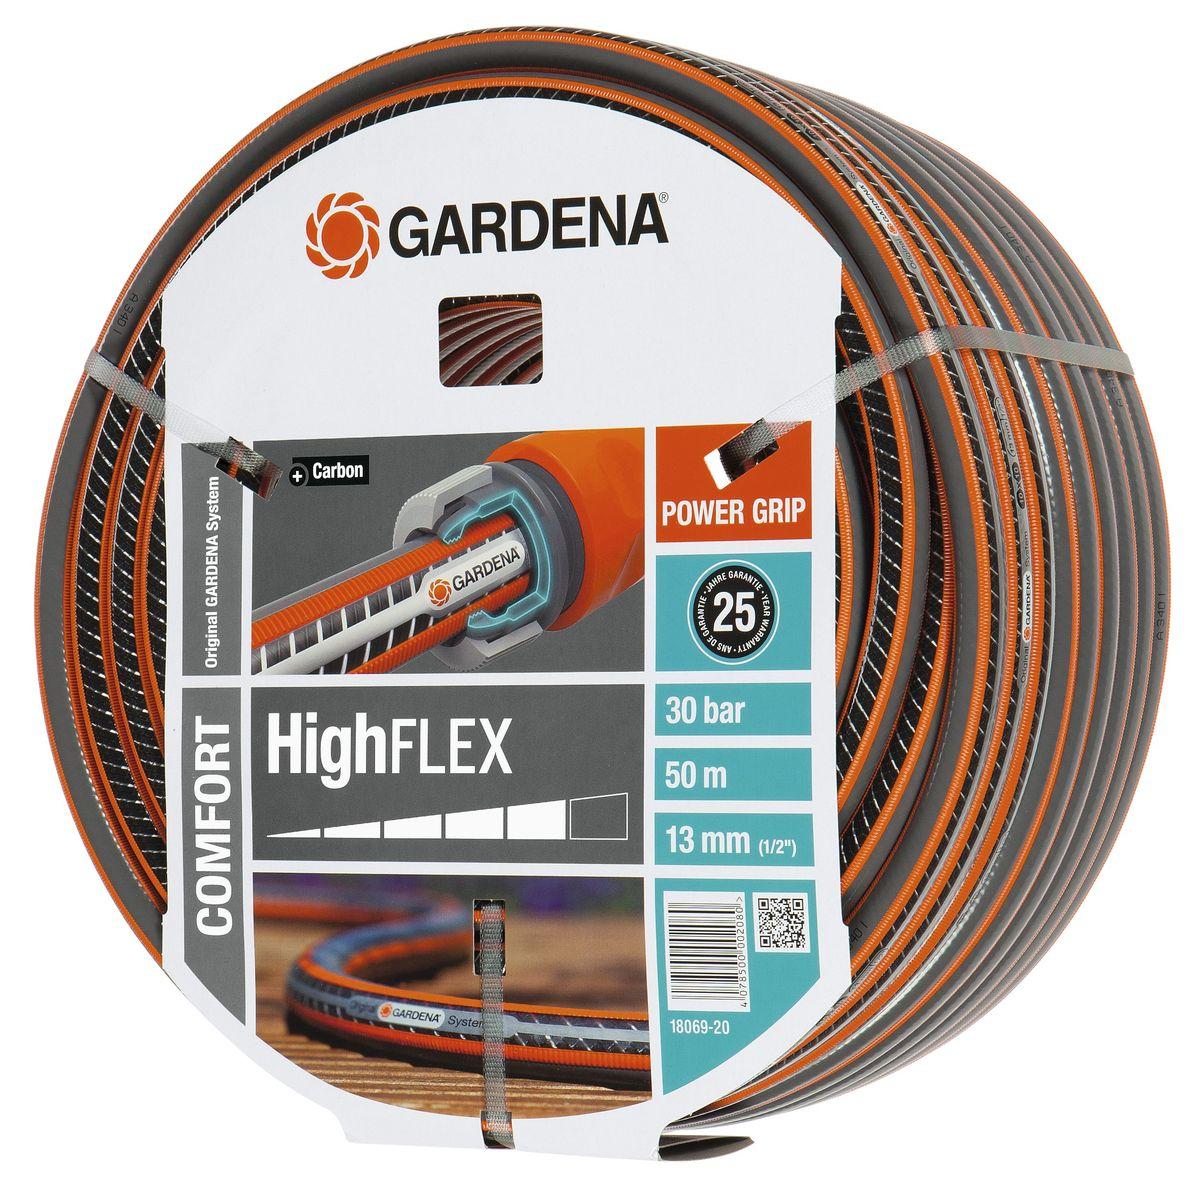 Шланг Highflex 10x10 1/2 х 50 м Gardena18069-20.000.00С ребристым профилем Power Grip для идеального соединения с коннекторами Базовой системы полива. Устойчивость к высокому давлению и сохранение формы благодаря спиралевидному текстильному армированию, усиленному углеродом. Не перегибается, не спутывается.